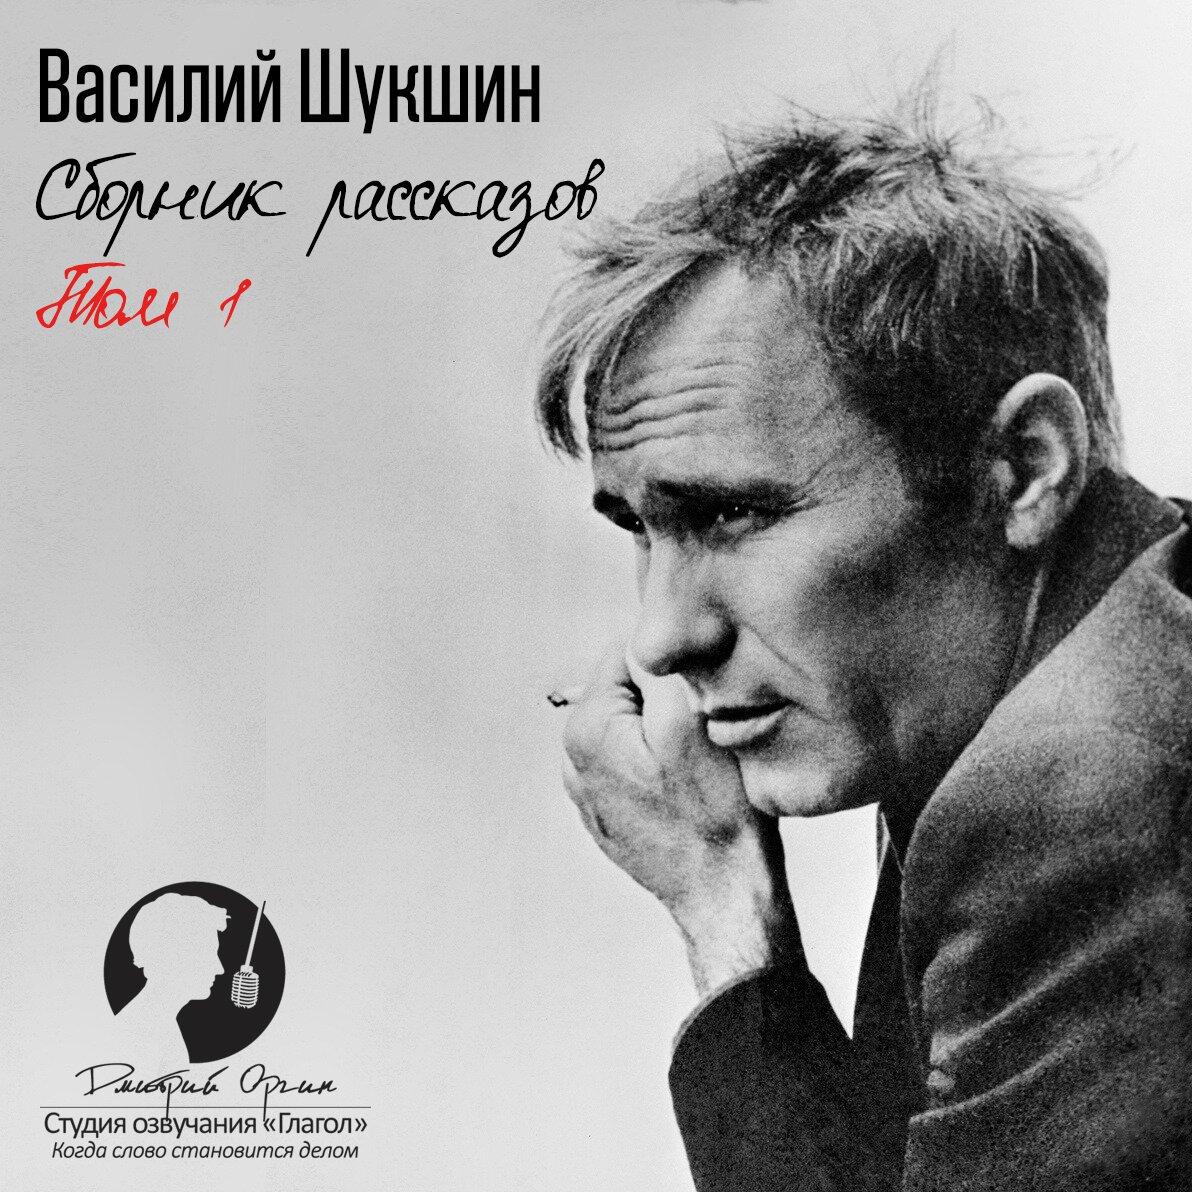 Василий Шукшин Василий Шукшин: Сборник рассказов Том 1 (Цифровая версия)